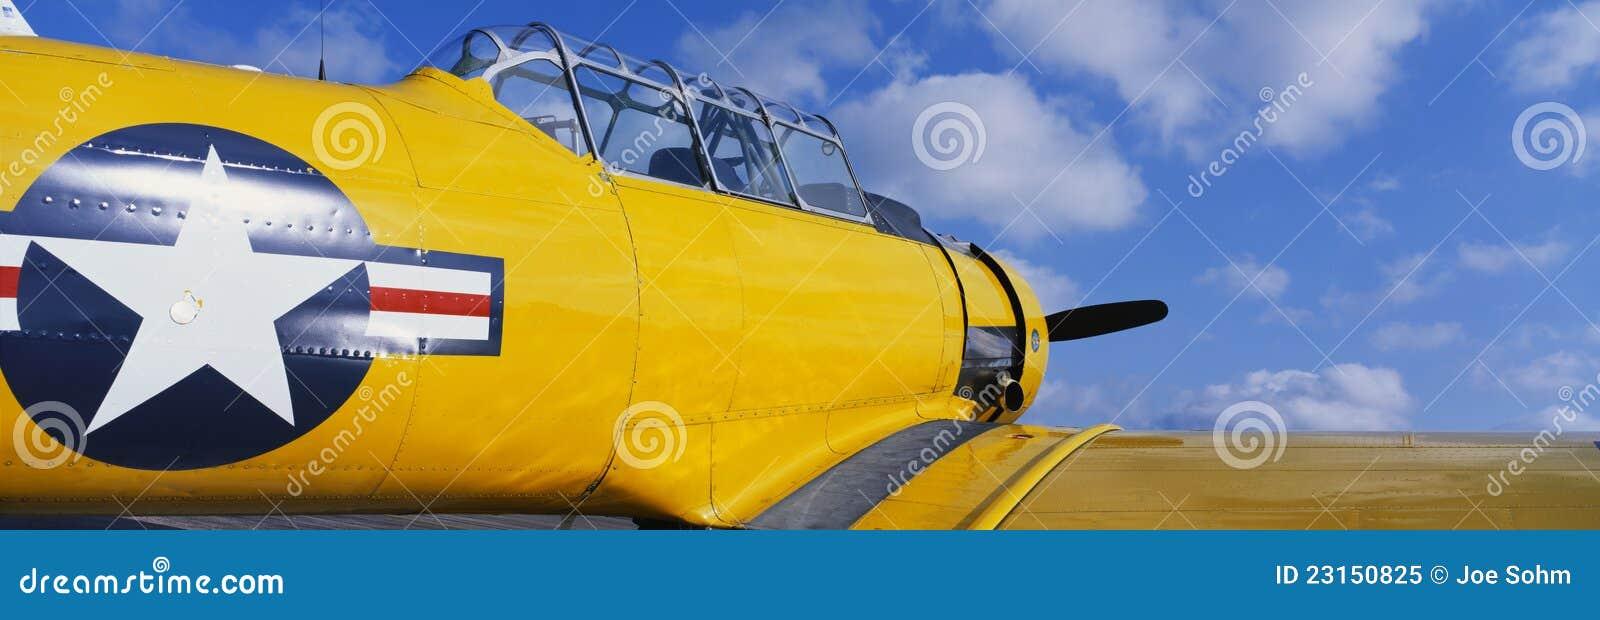 Avião amarelo da segunda guerra mundial do vintage